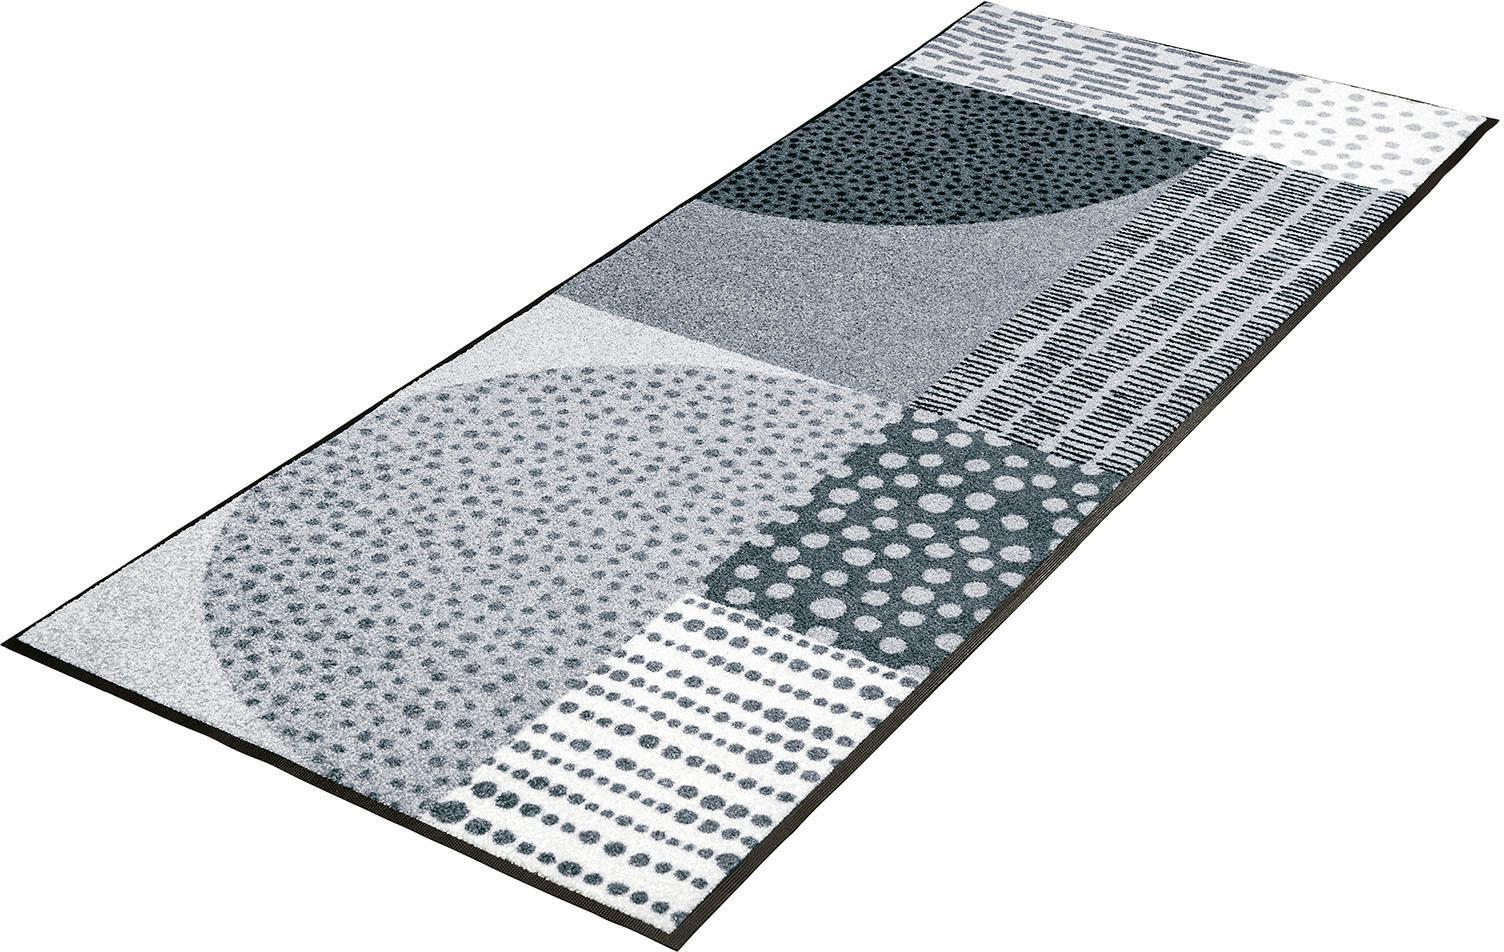 Läufer Montos wash+dry by Kleen-Tex rechteckig Höhe 7 mm gedruckt